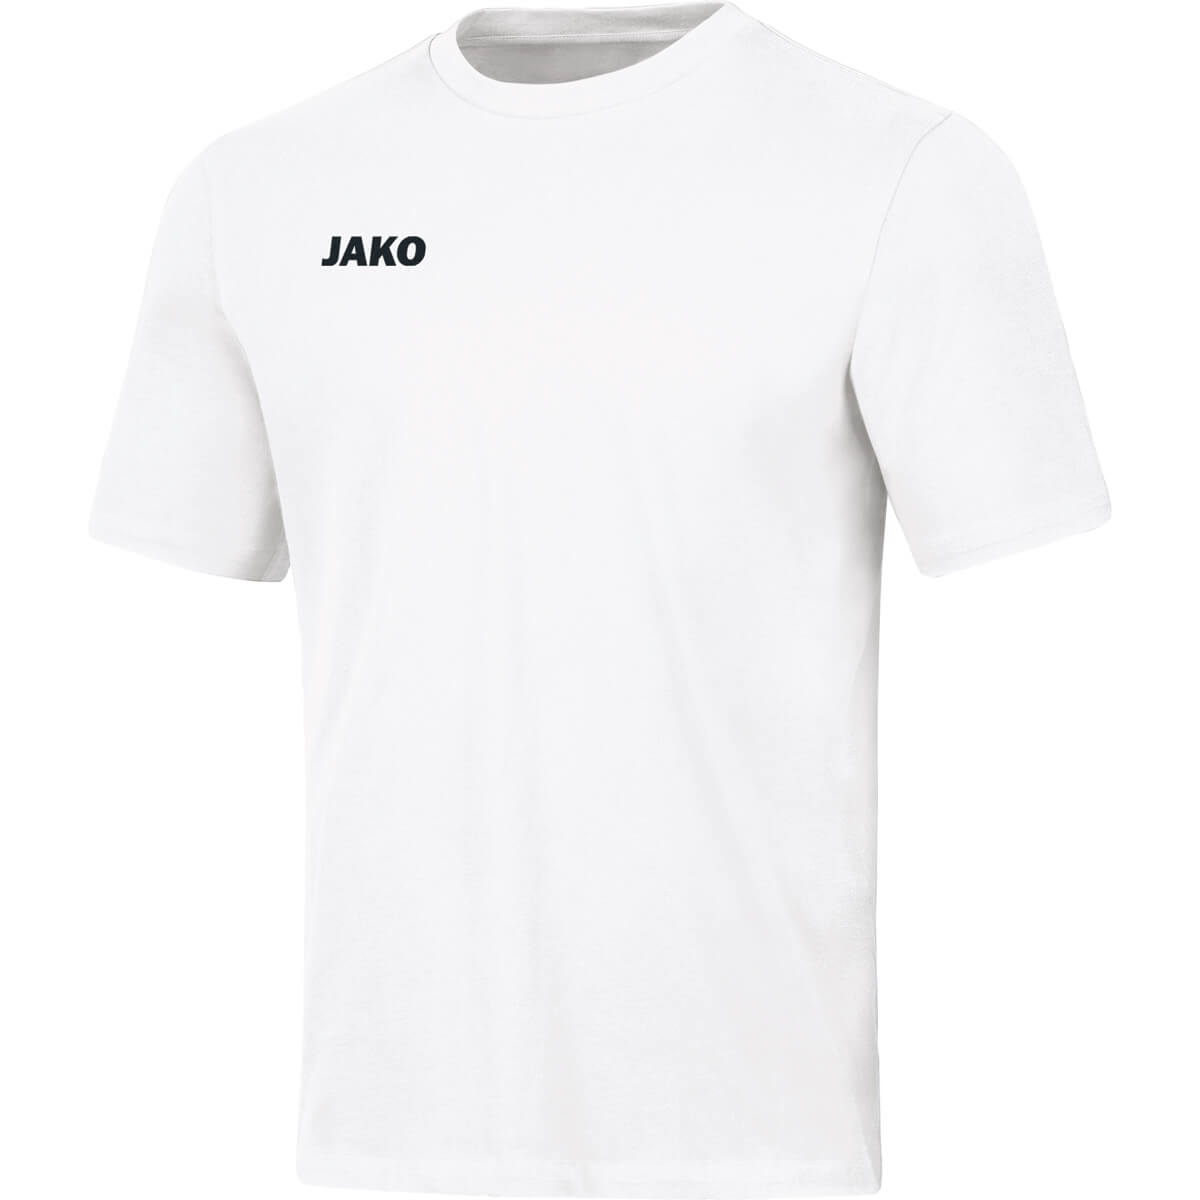 T-Shirt Base - Kinder | Jako 6165